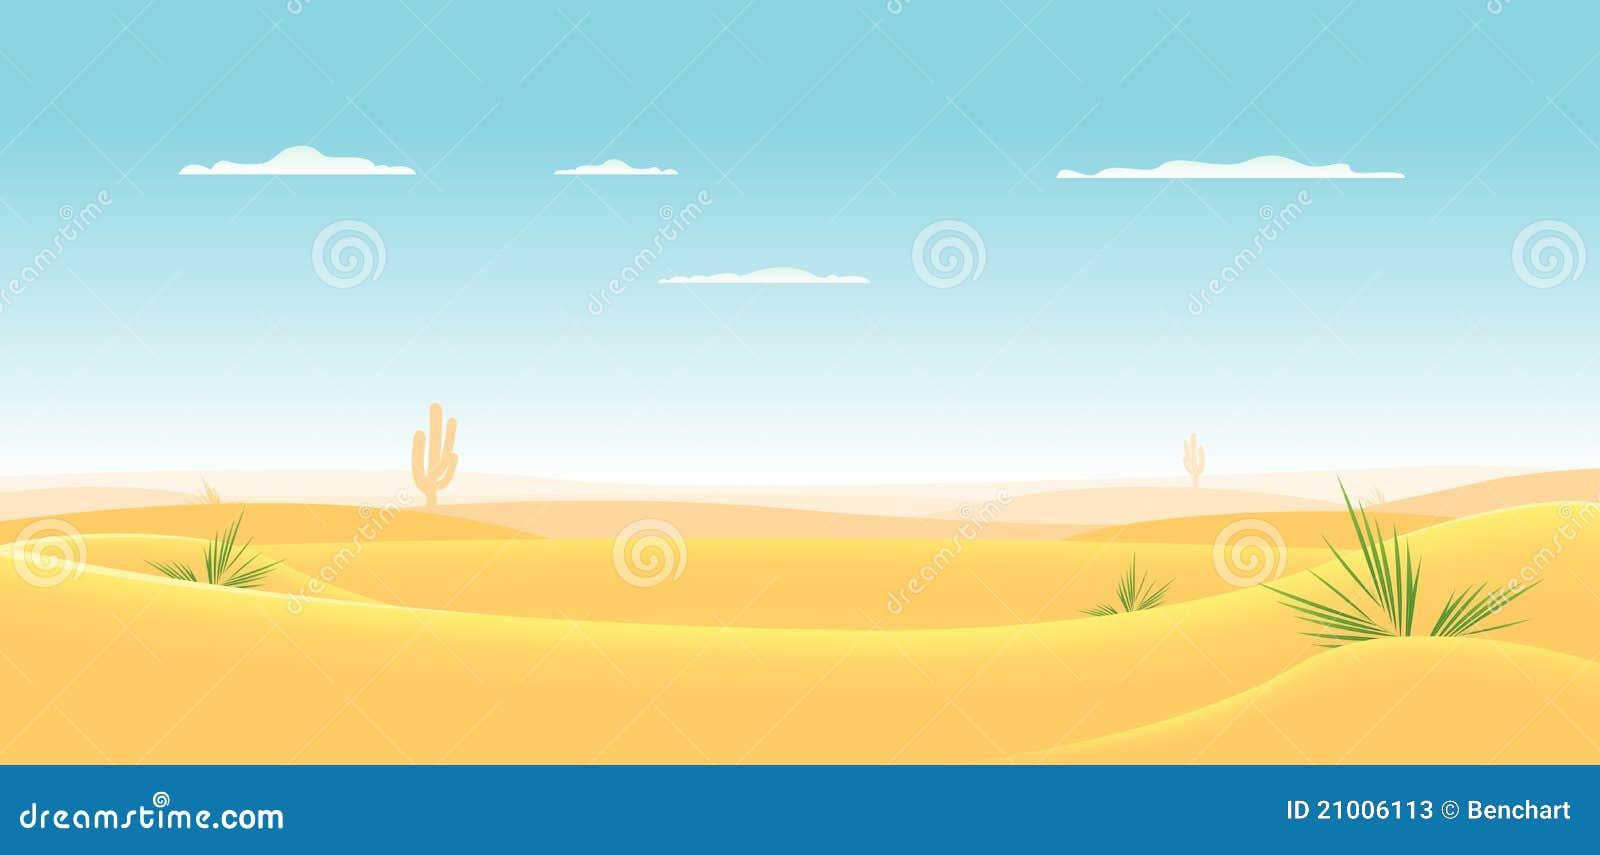 Deep Western Desert Western Desert Clipart